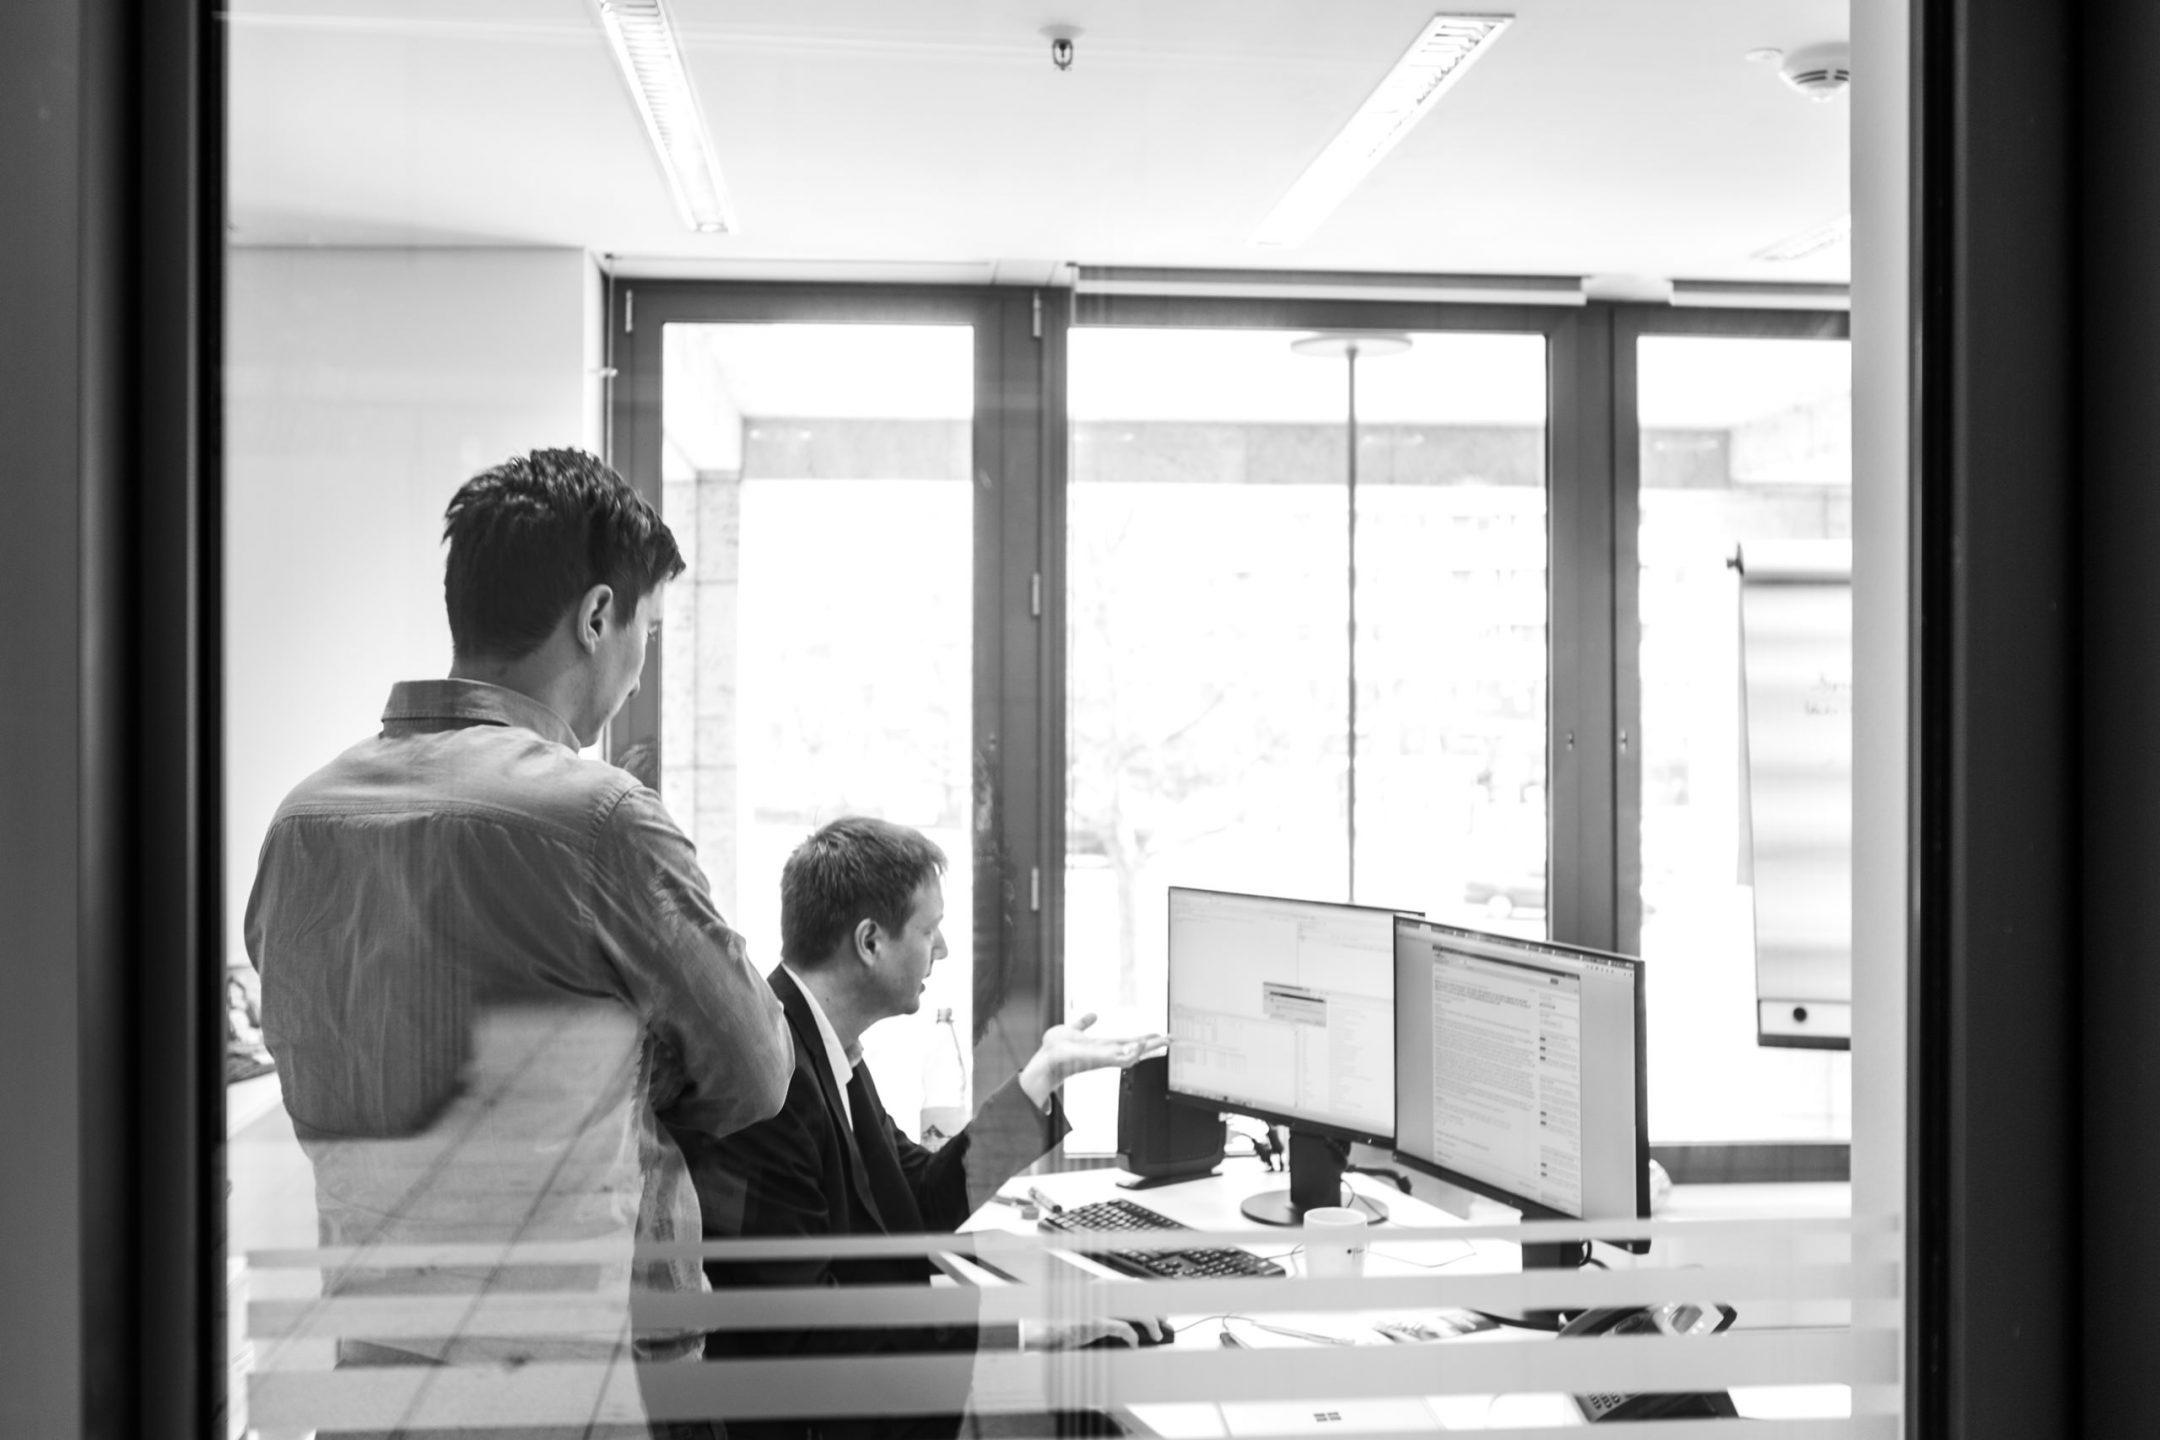 Wissenschaftler des InGefs diskutieren Arbeitsergebnisse am Bildschirmarbeitsplatz